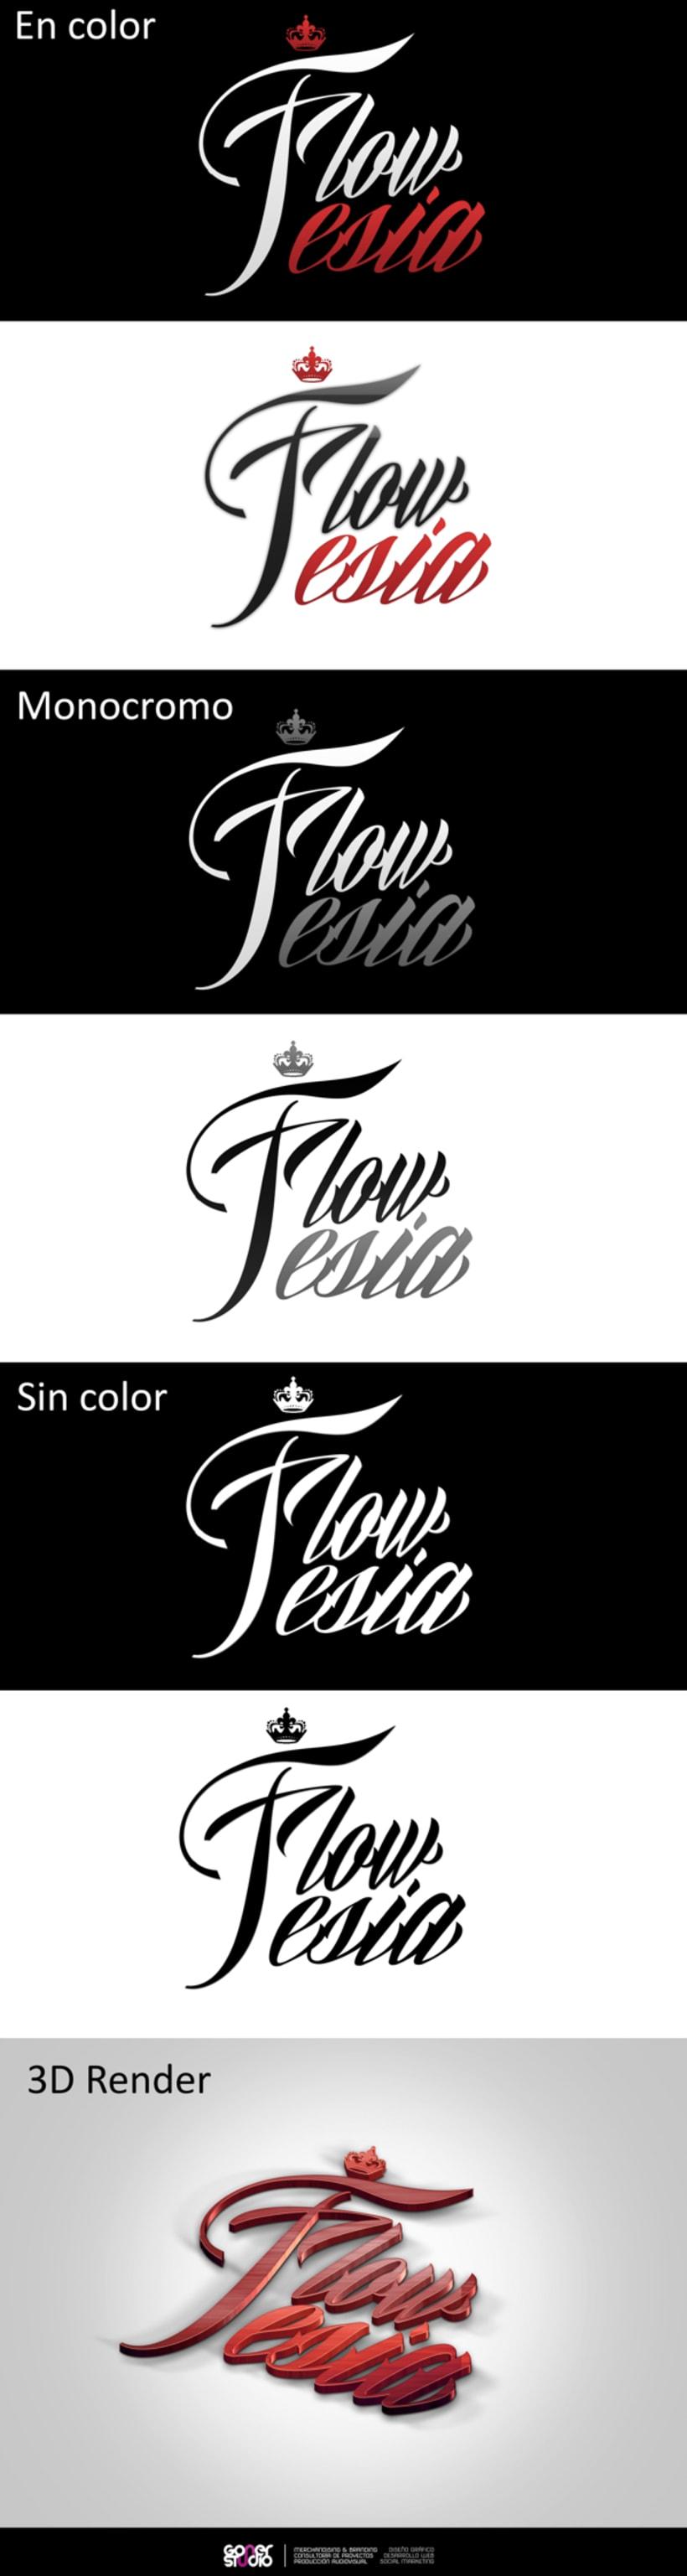 Flowesía de Shotta 4